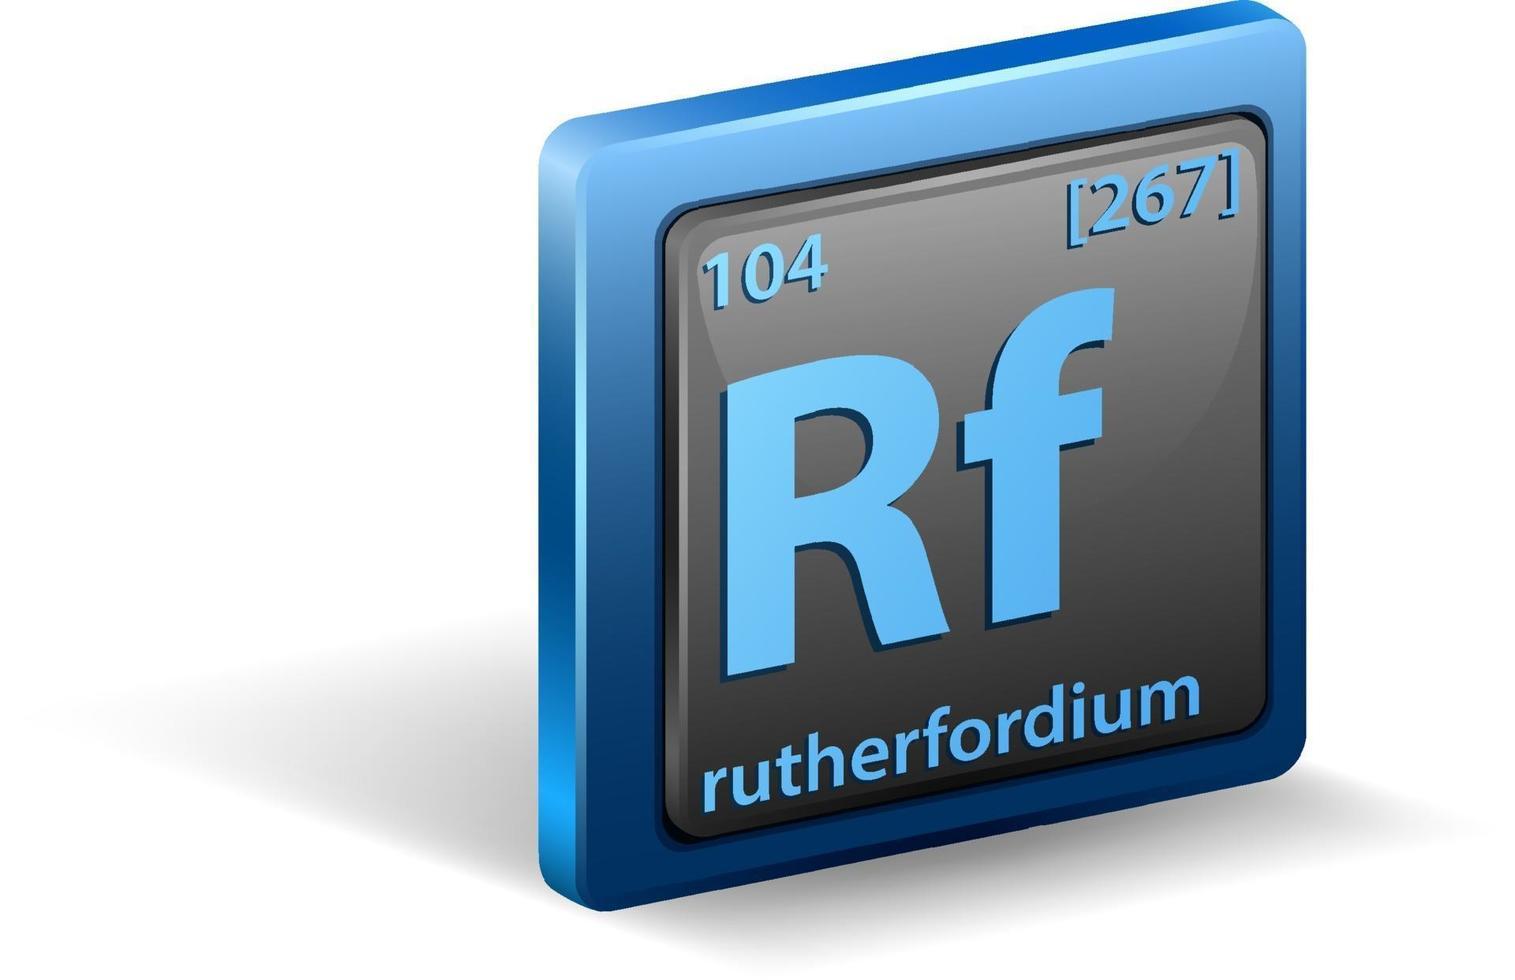 élément chimique rutherfordium. symbole chimique avec numéro atomique et masse atomique. vecteur